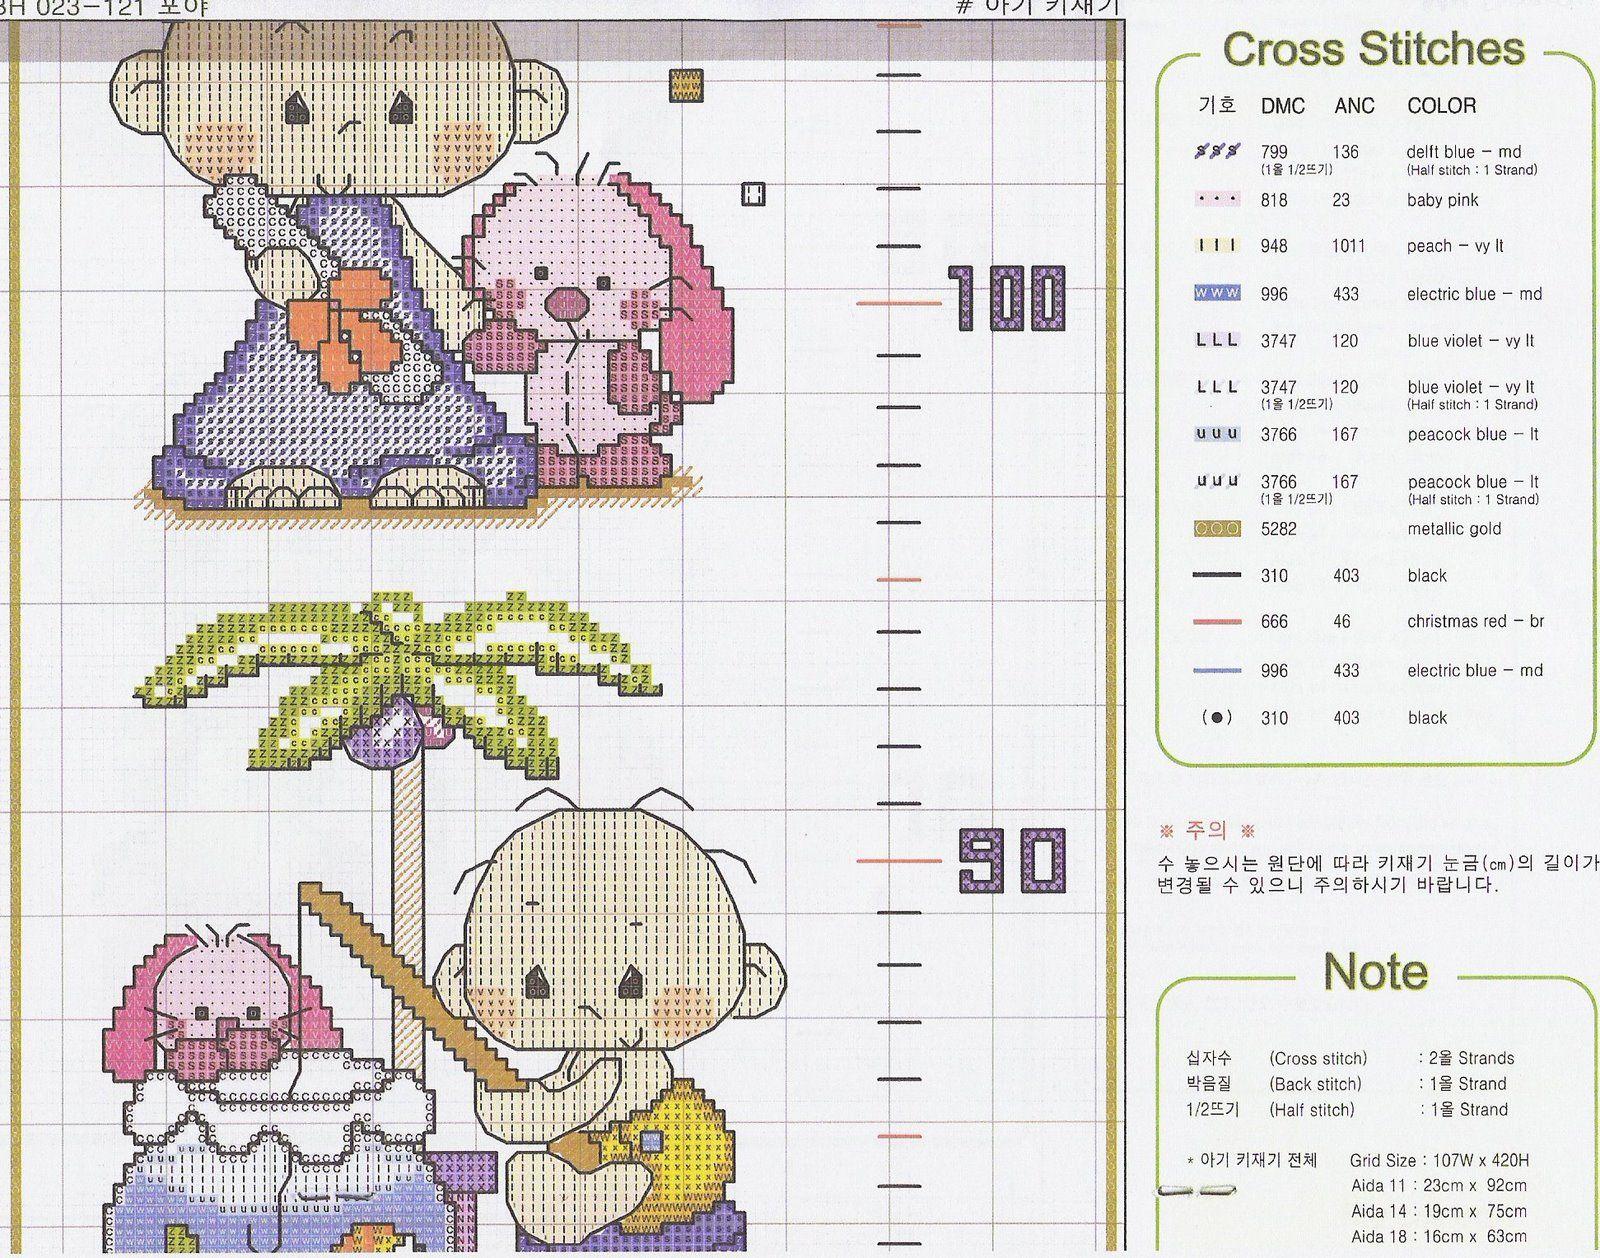 Metro crescita bambini 4 5 punto croce metri crescita for Farfalle a punto croce per bambini